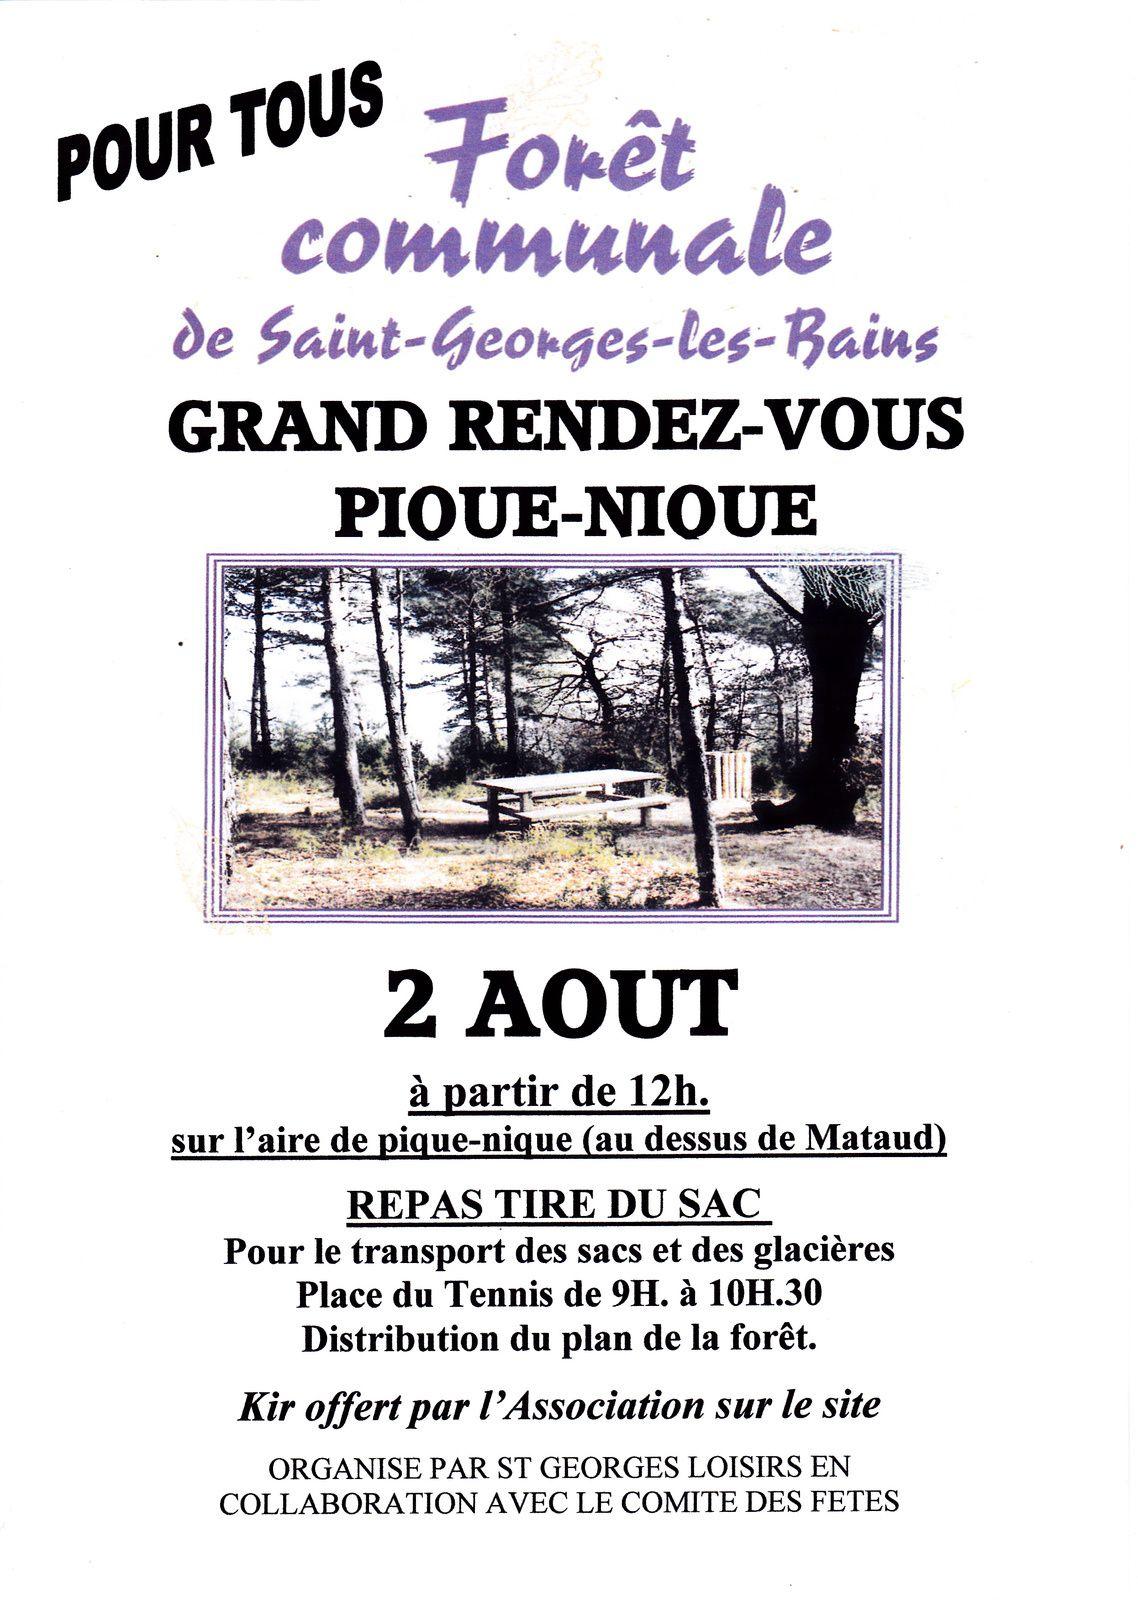 ST GEORGES LES BAINS - GRAND PIQUE-NIQUE